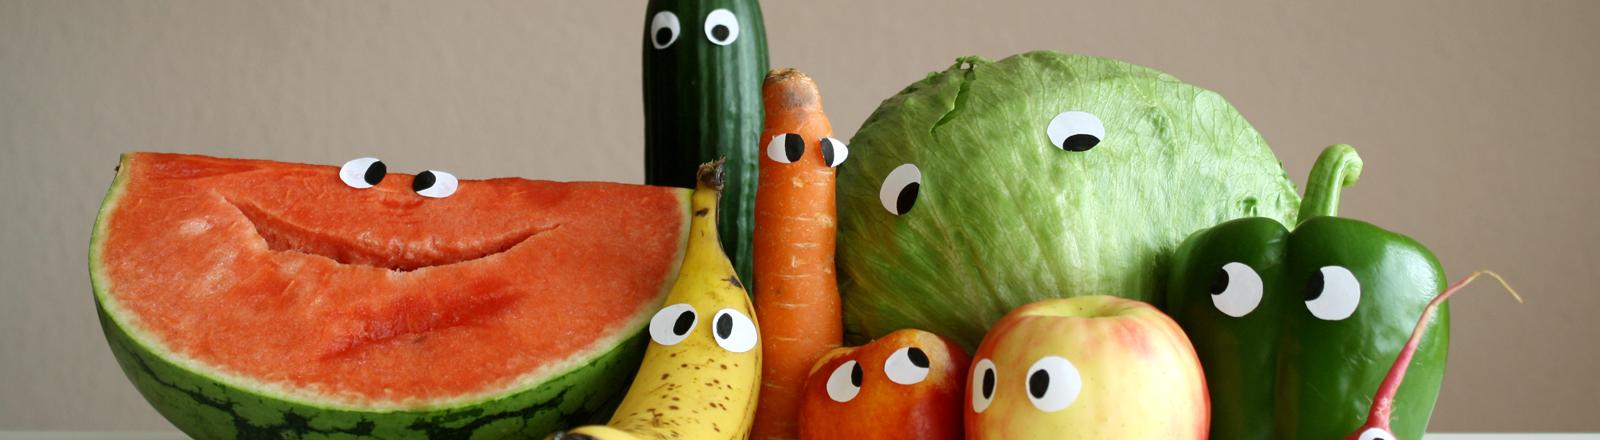 Gemüse und Obst mit Gesichtern